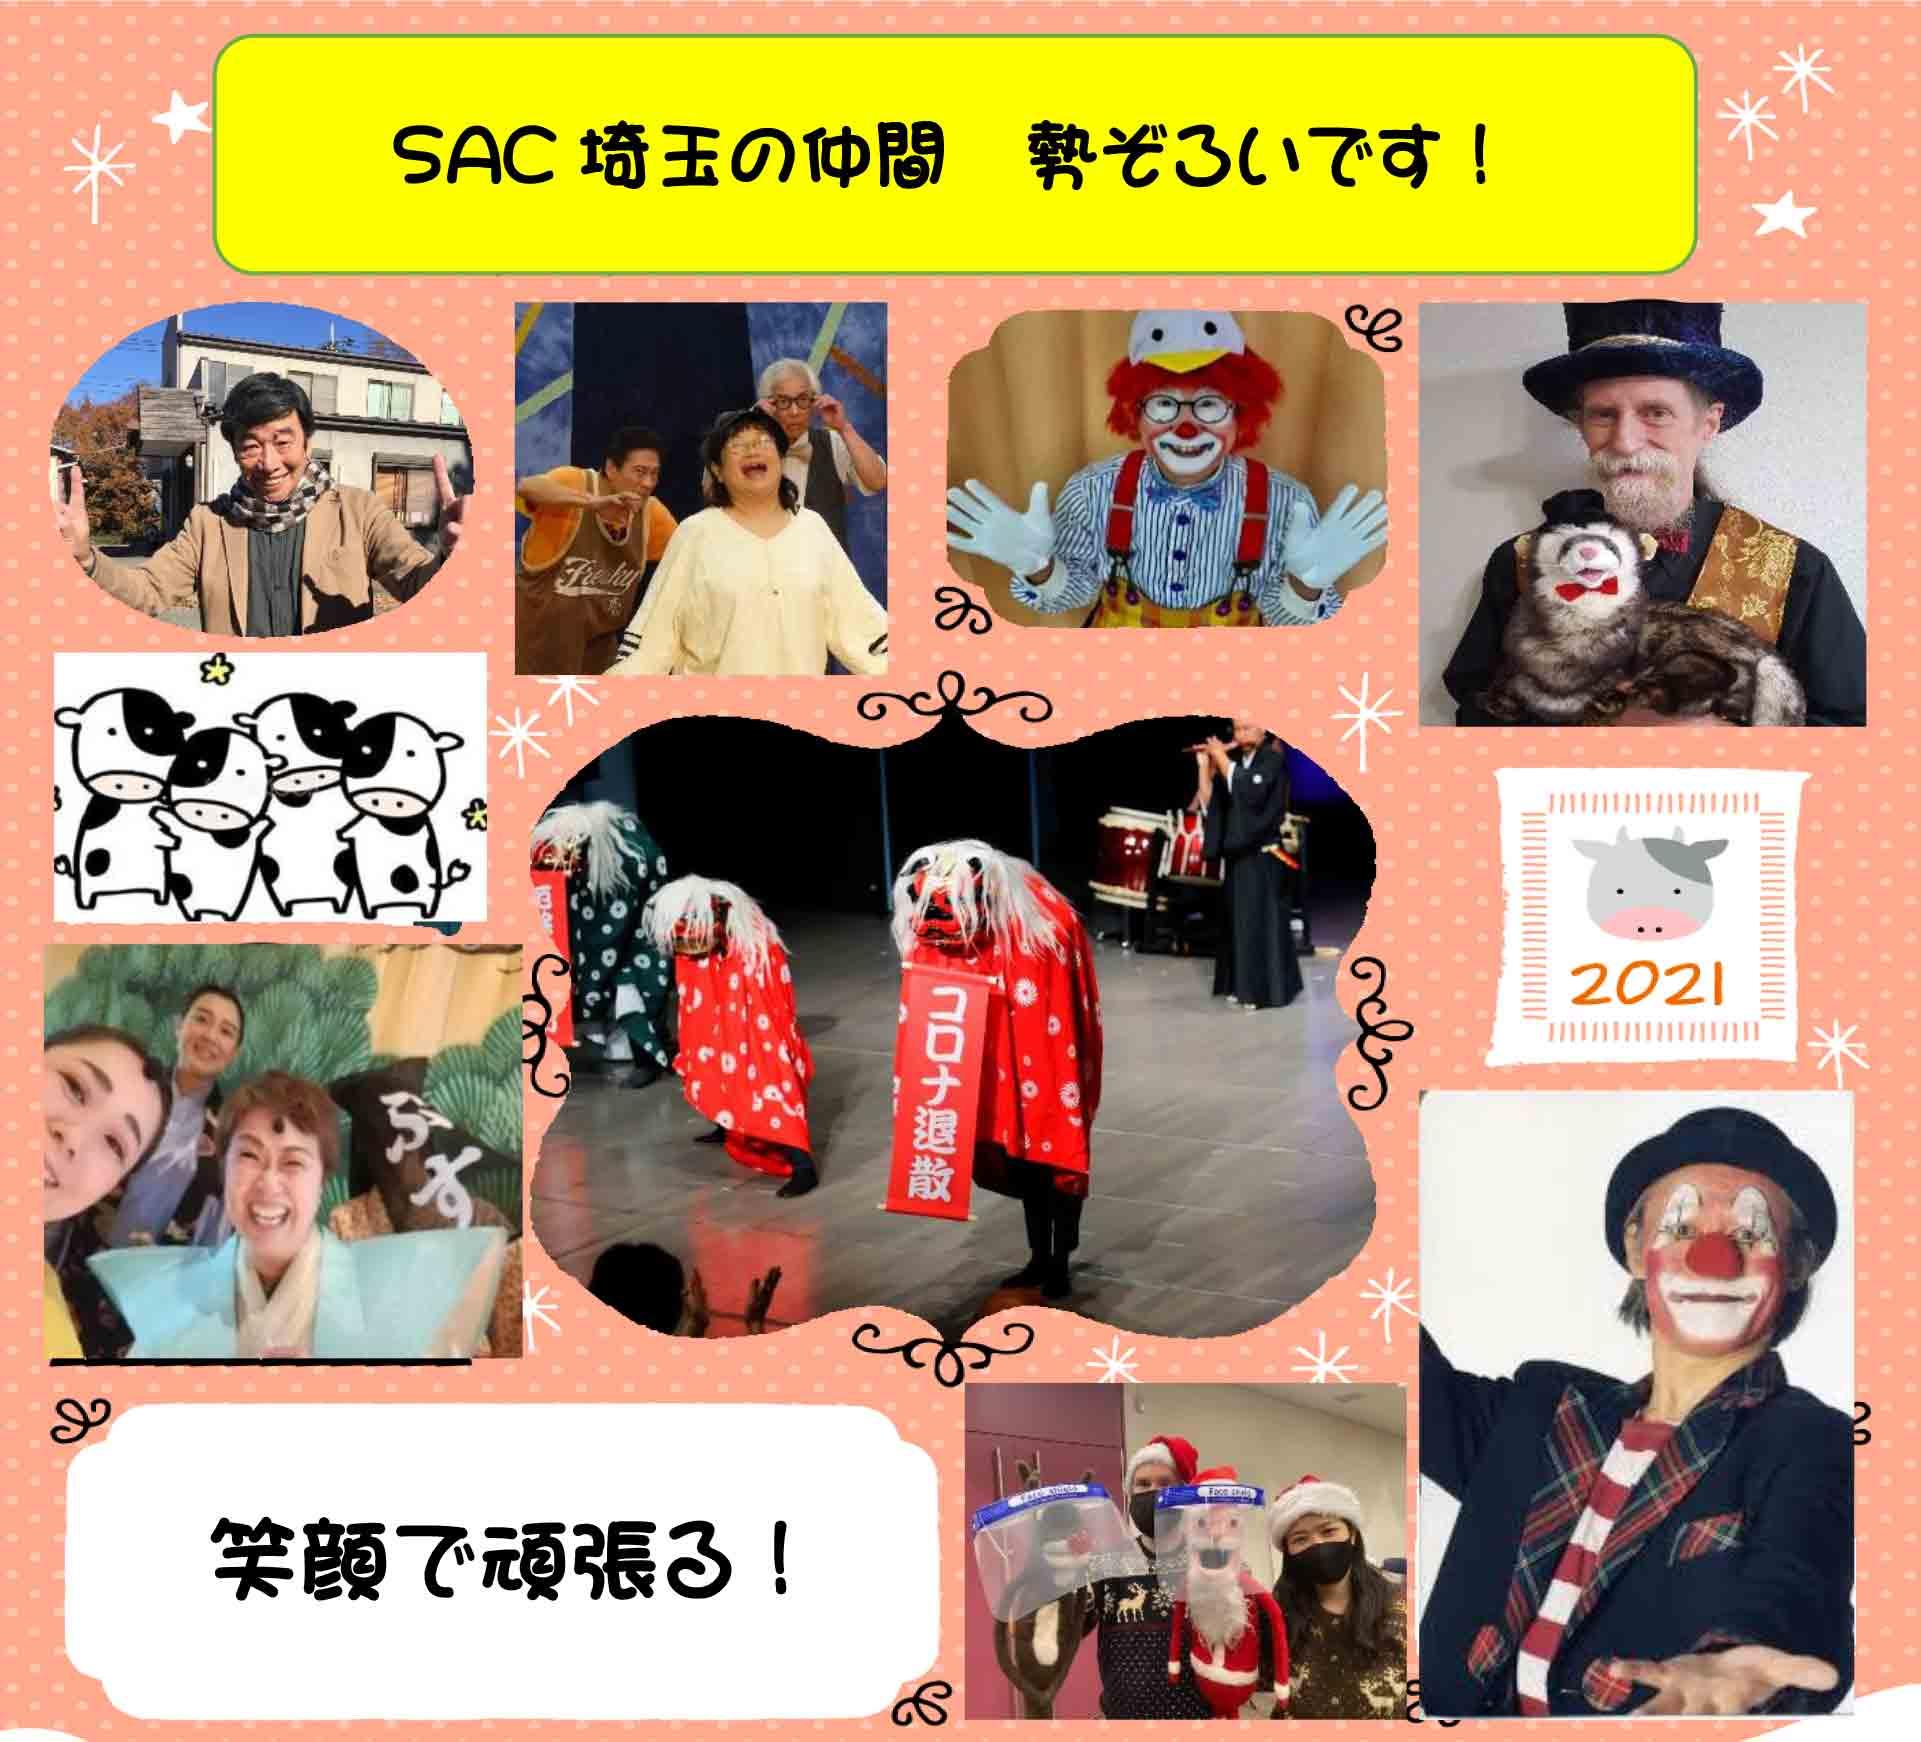 SAC埼玉(ステージ・アート・クリエイトさいたま)